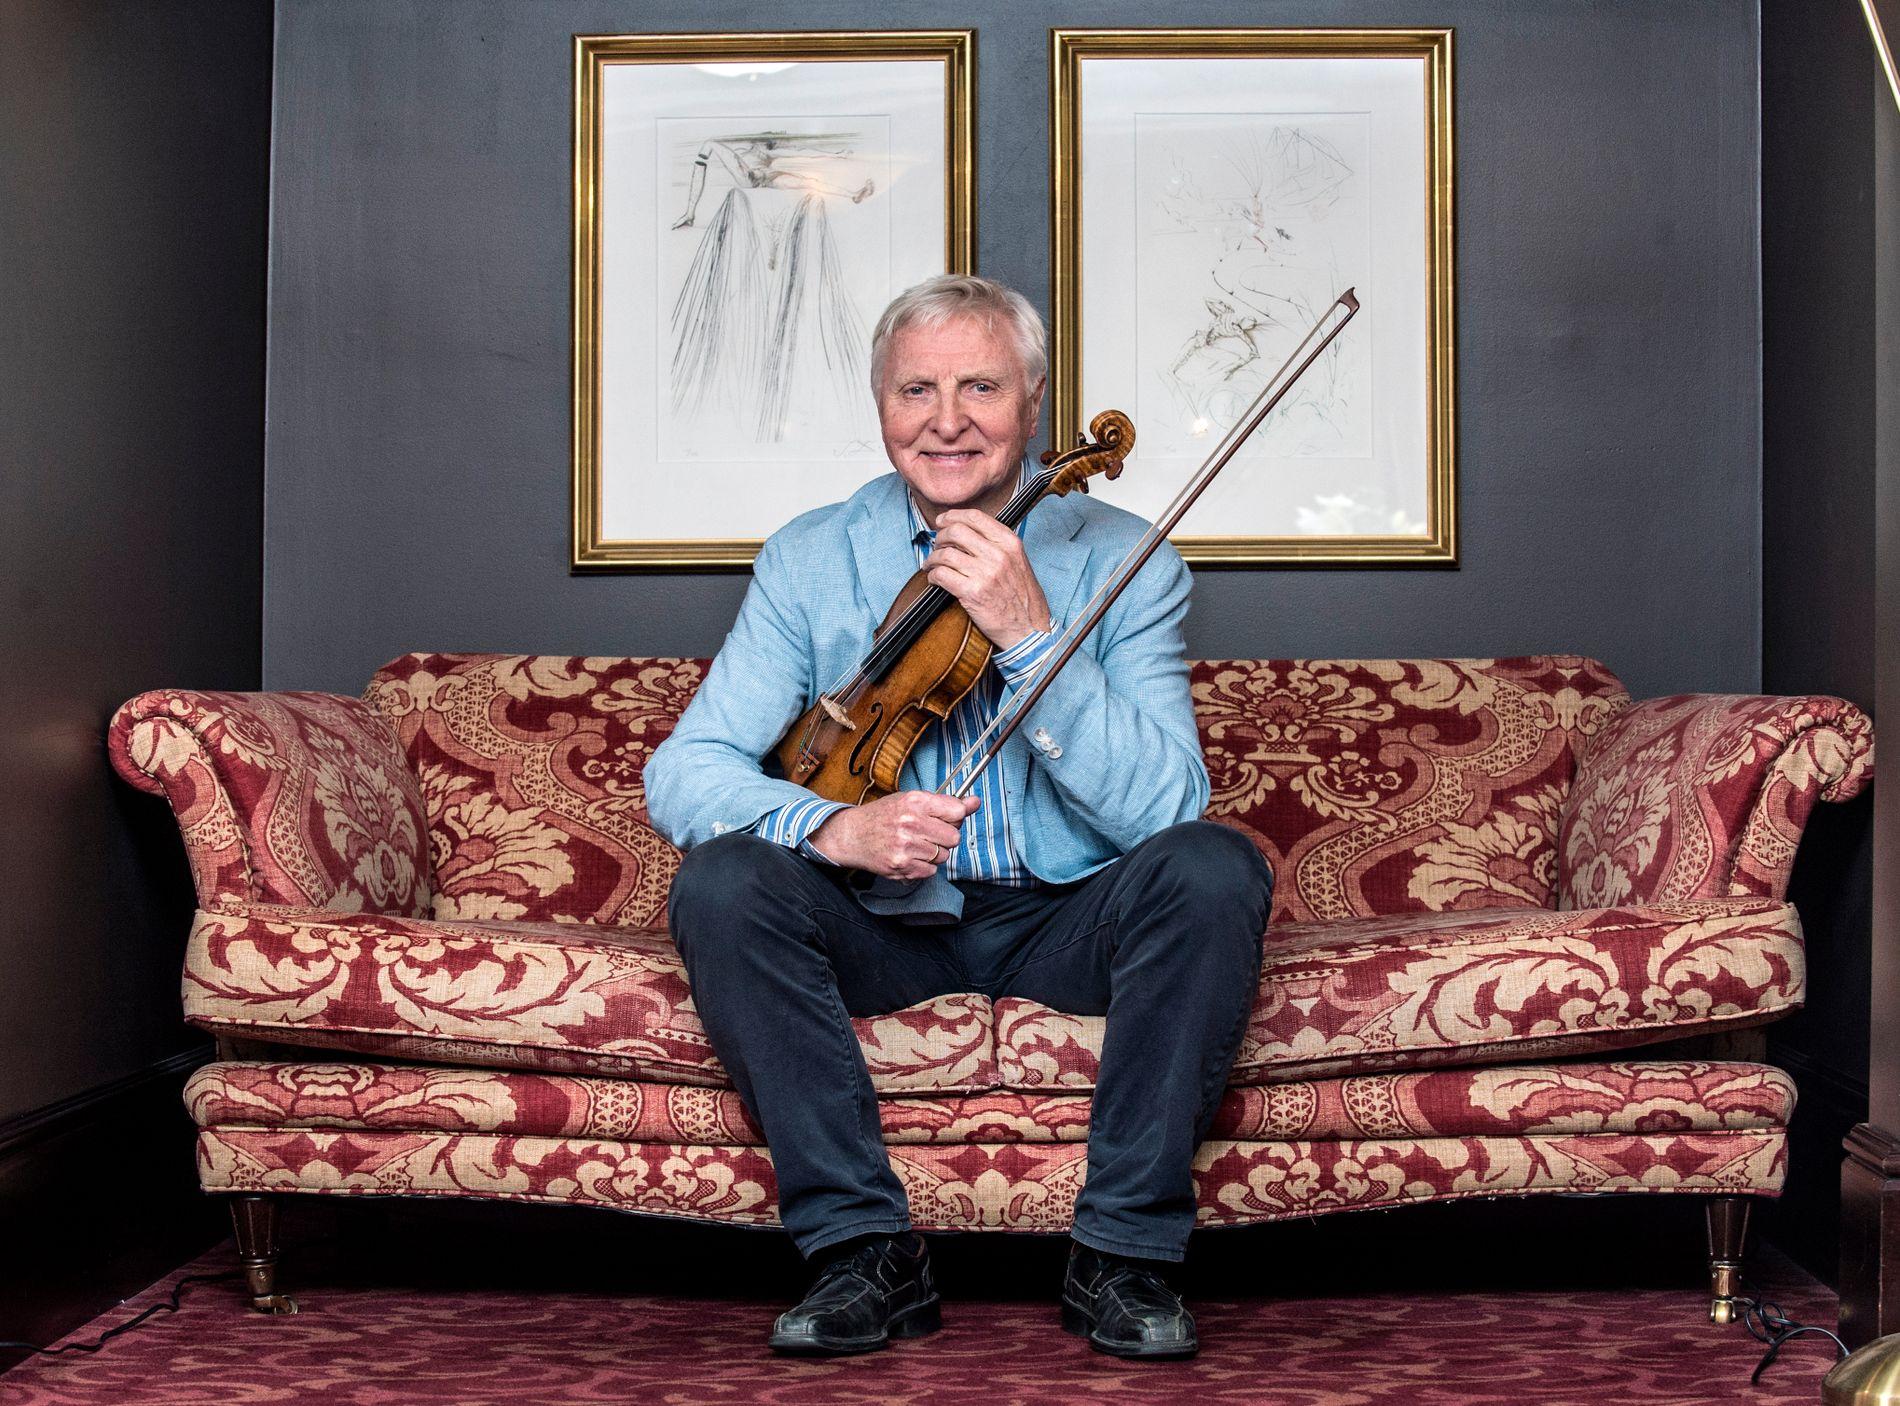 SOLGT: En tysk investor har kjøpt Arve Tellefsens fiolin for 80 millioner kroner. - Men jeg skal få spille på den så lenge jeg lever, sier Arve Tellefsen